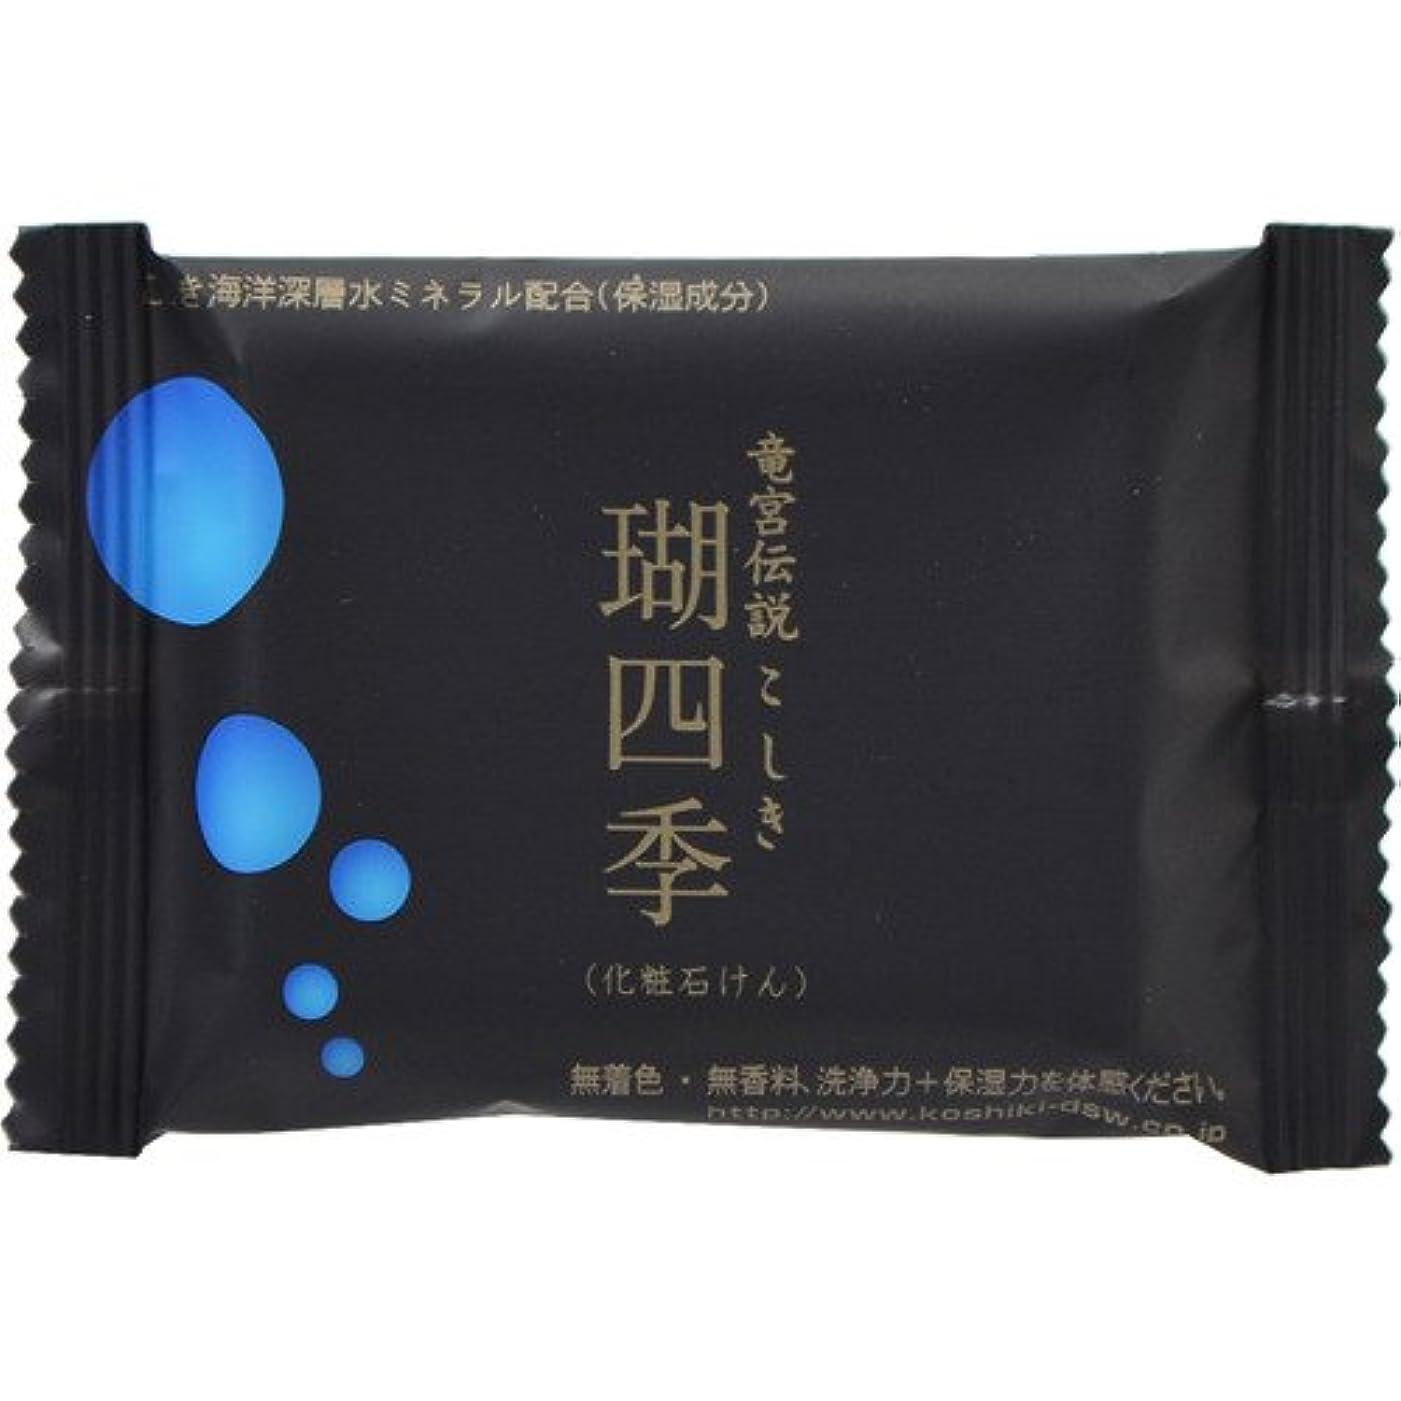 染料爪韻瑚四季 化粧石鹸 30g